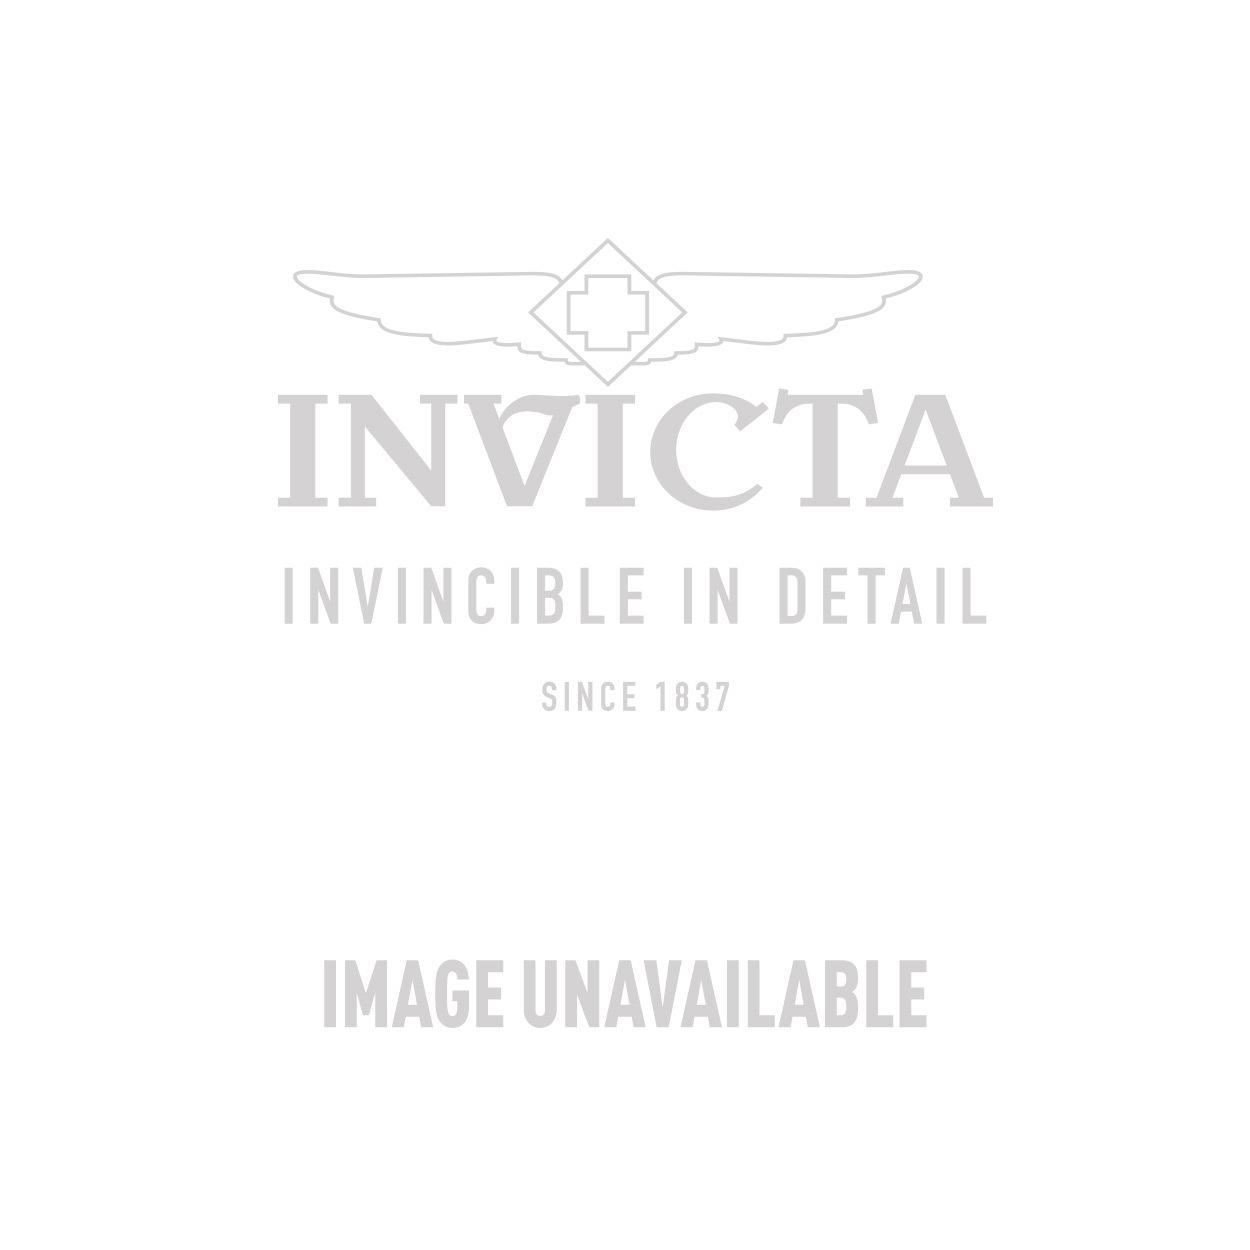 Invicta Model 27877